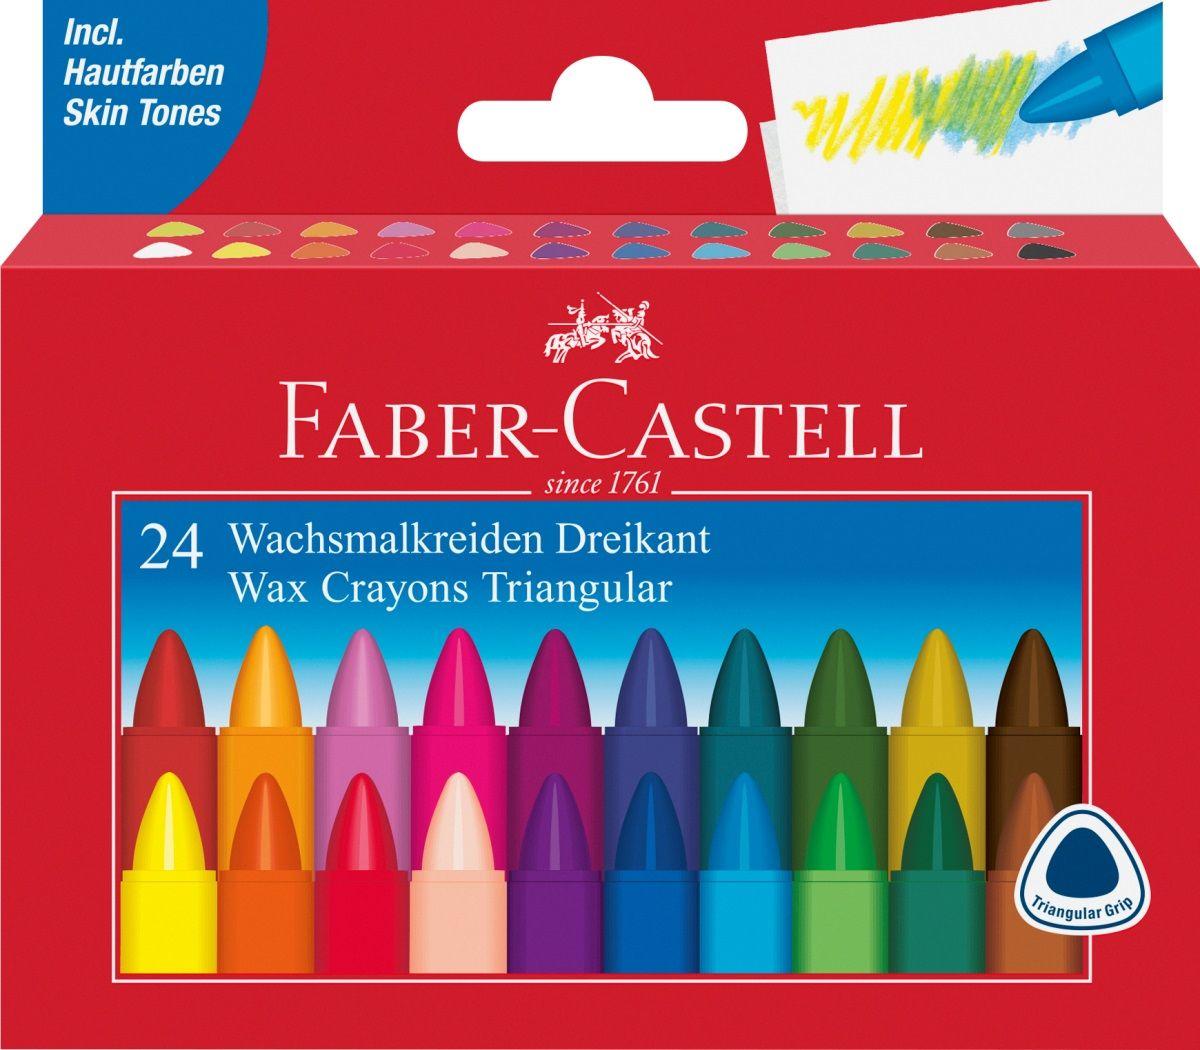 Faber-Castell Набор восковых карандашей Triangular трехгранные 24 цвета carioca набор экстра крупных восковых карандашей baby для детей